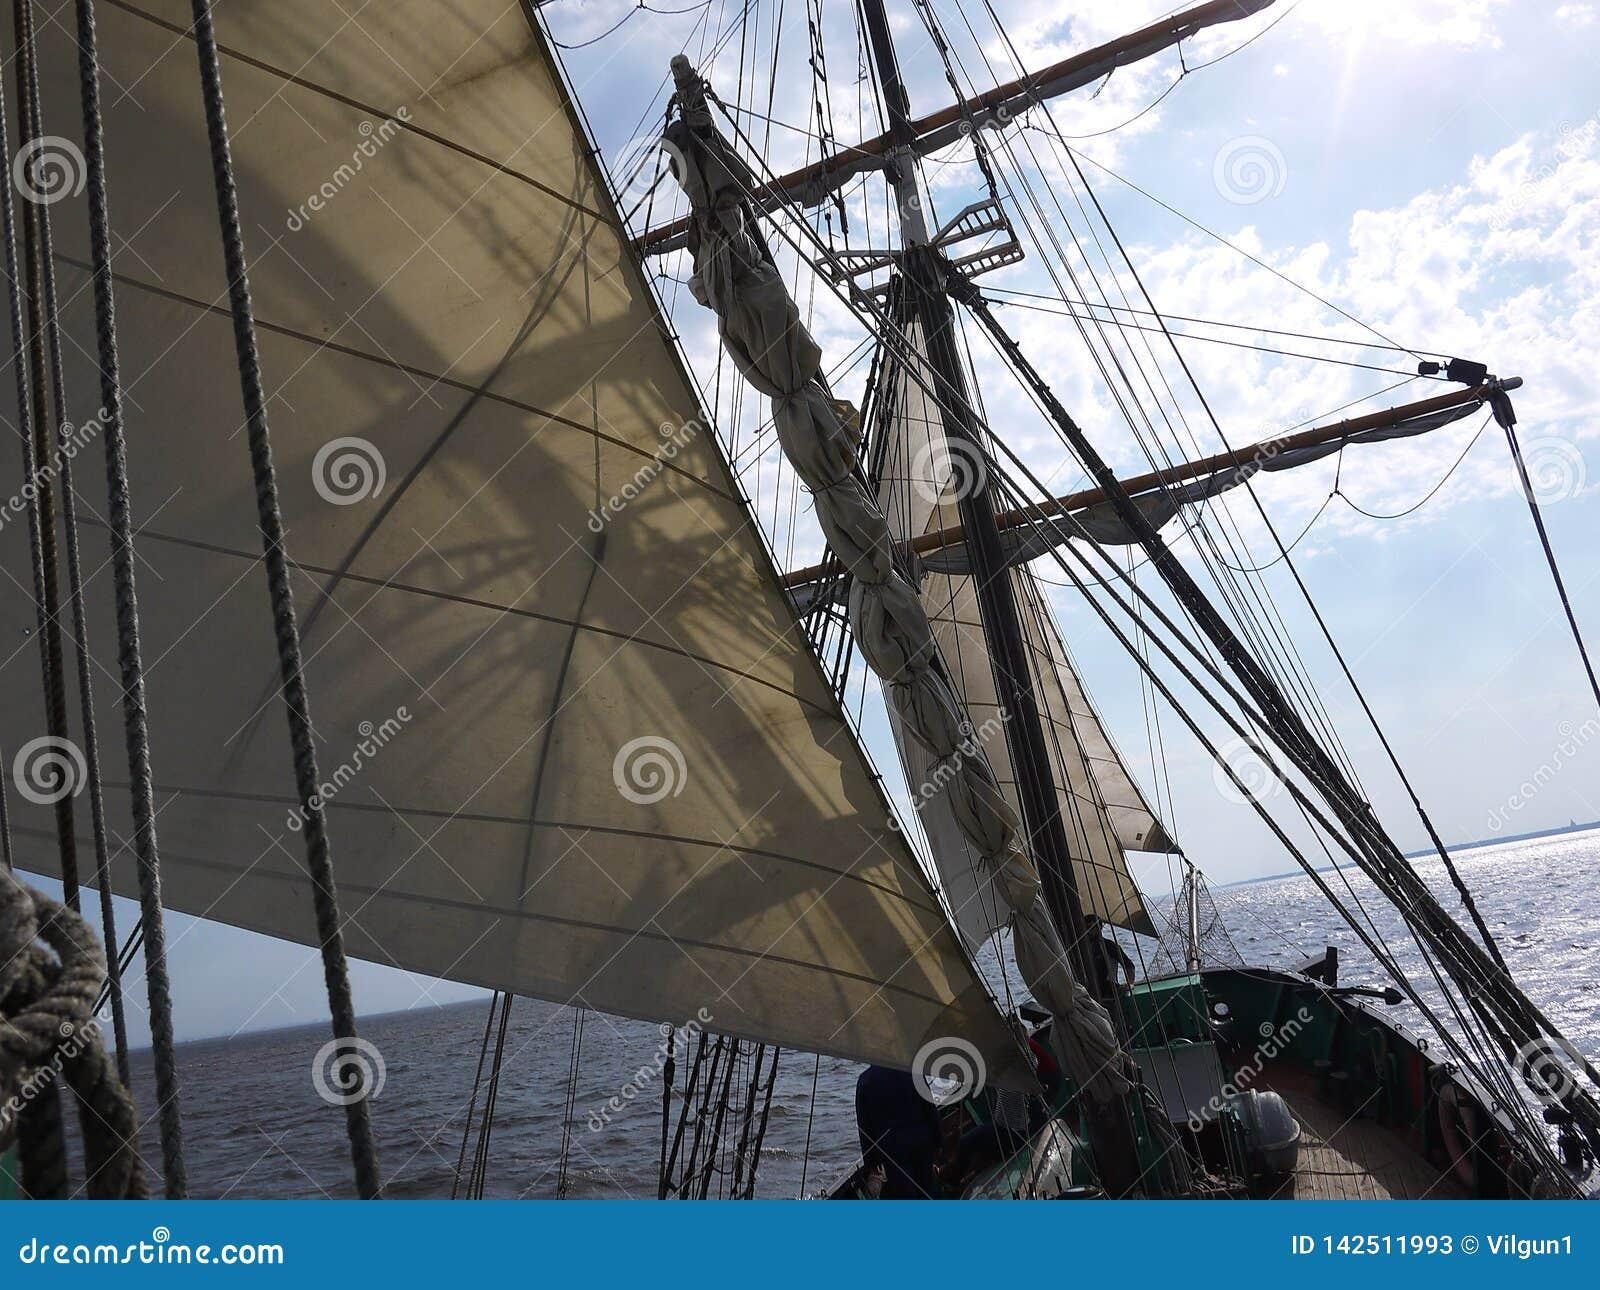 Det träsegla skeppet är på havet Detaljer och närbild soligt väder